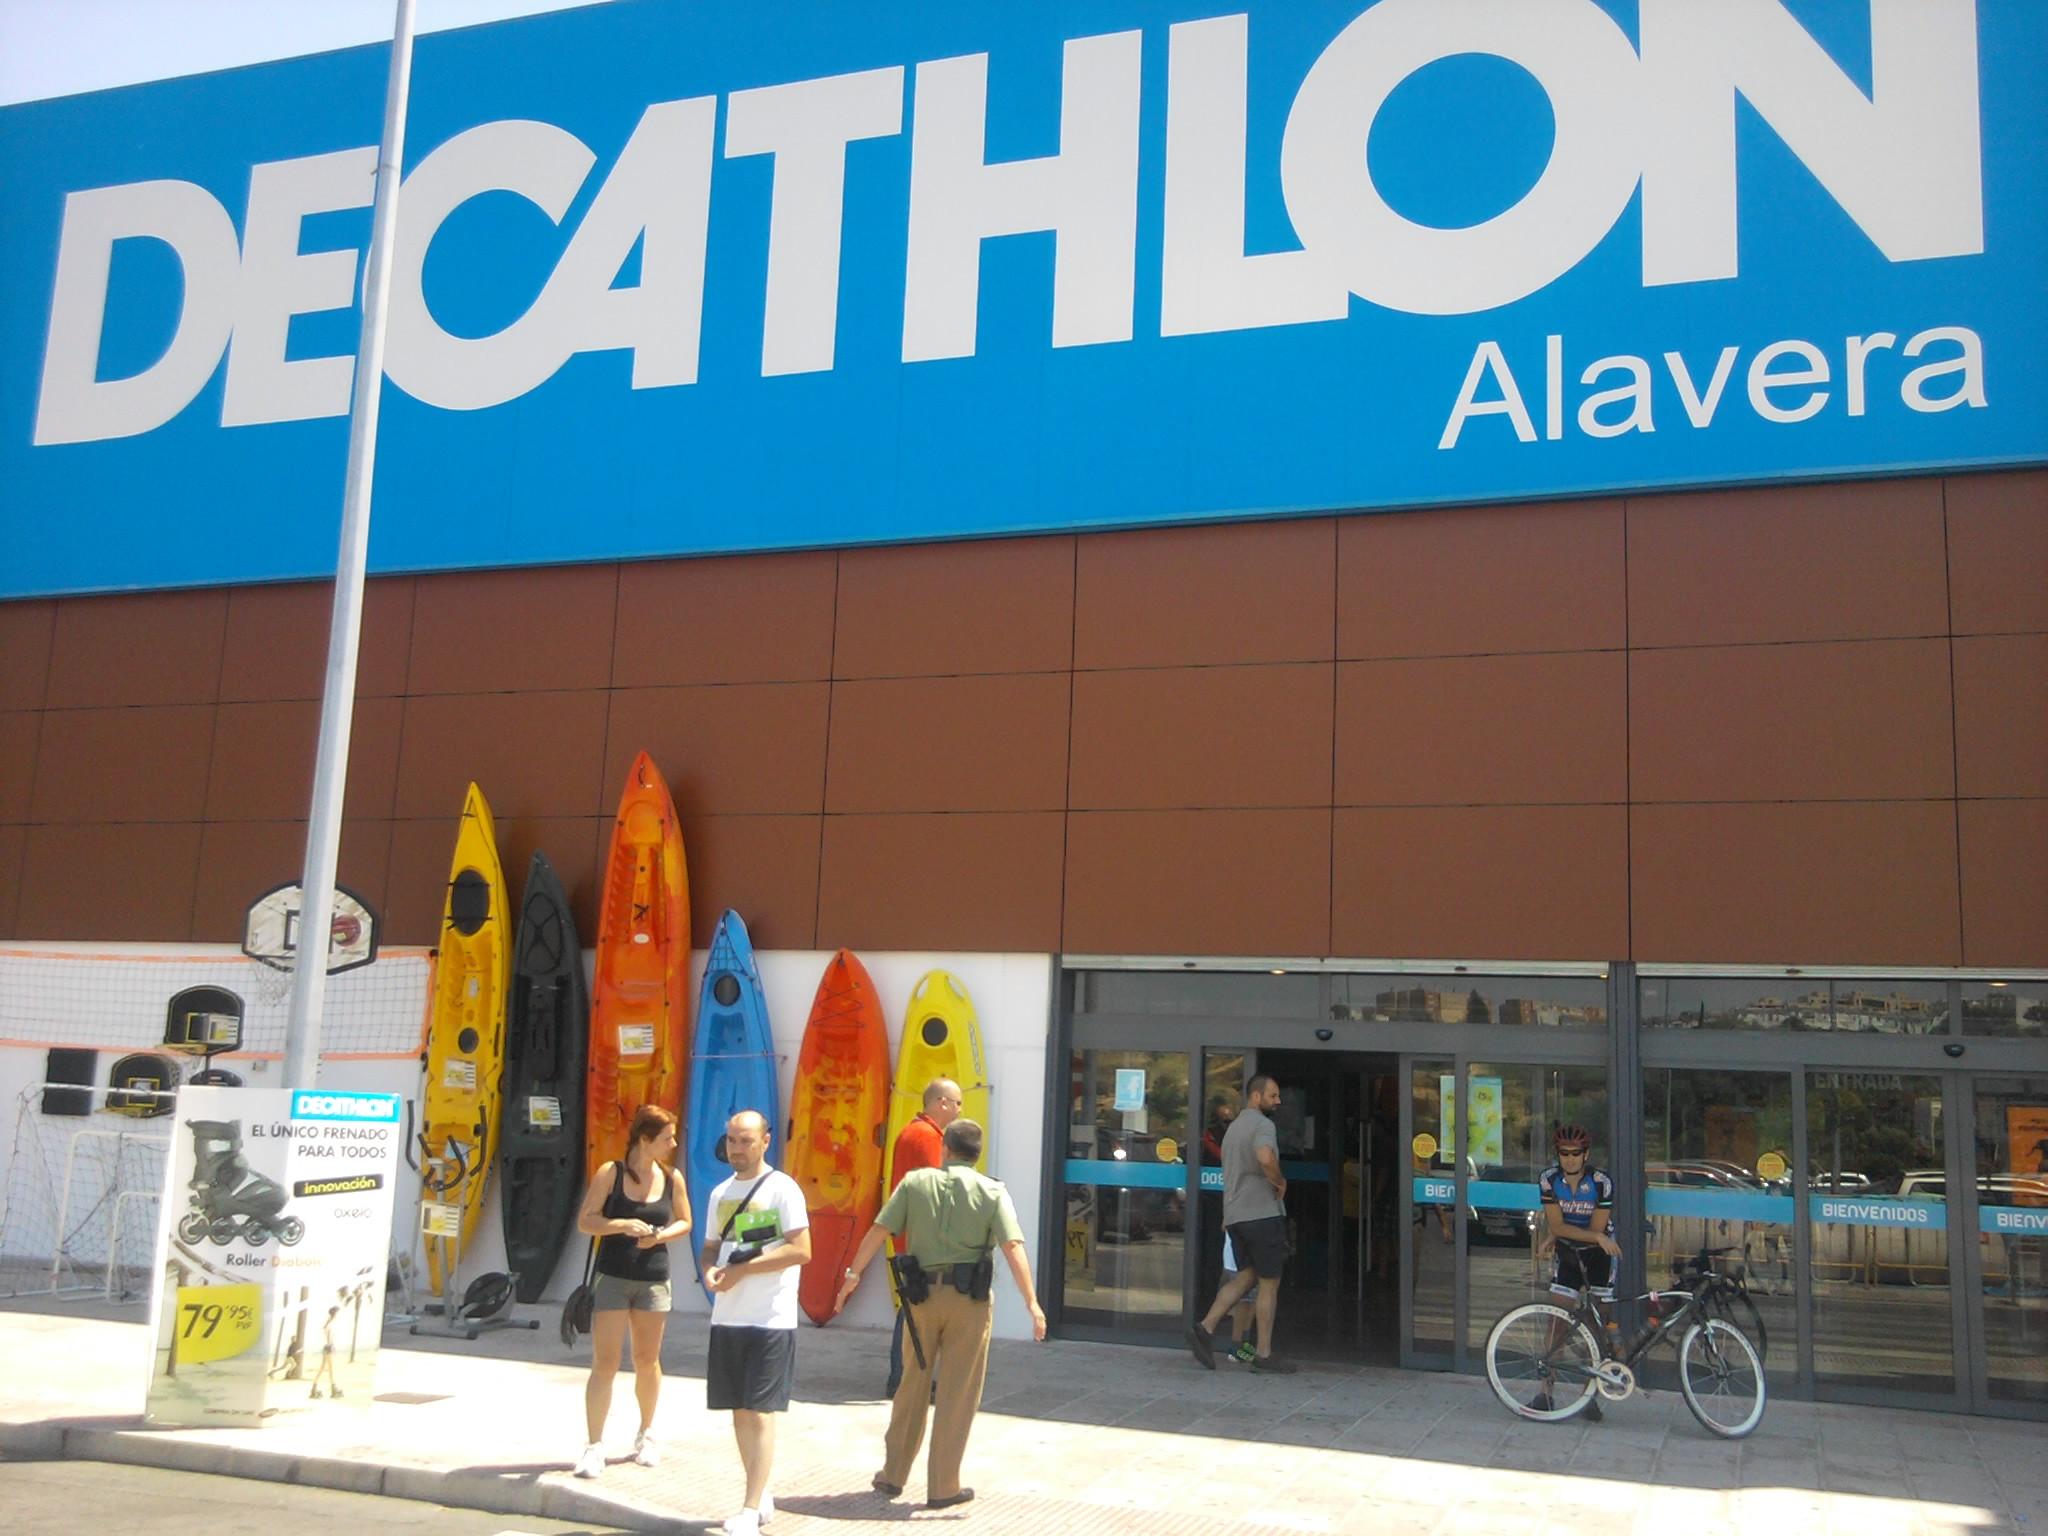 25 años de Decathlon Alavera